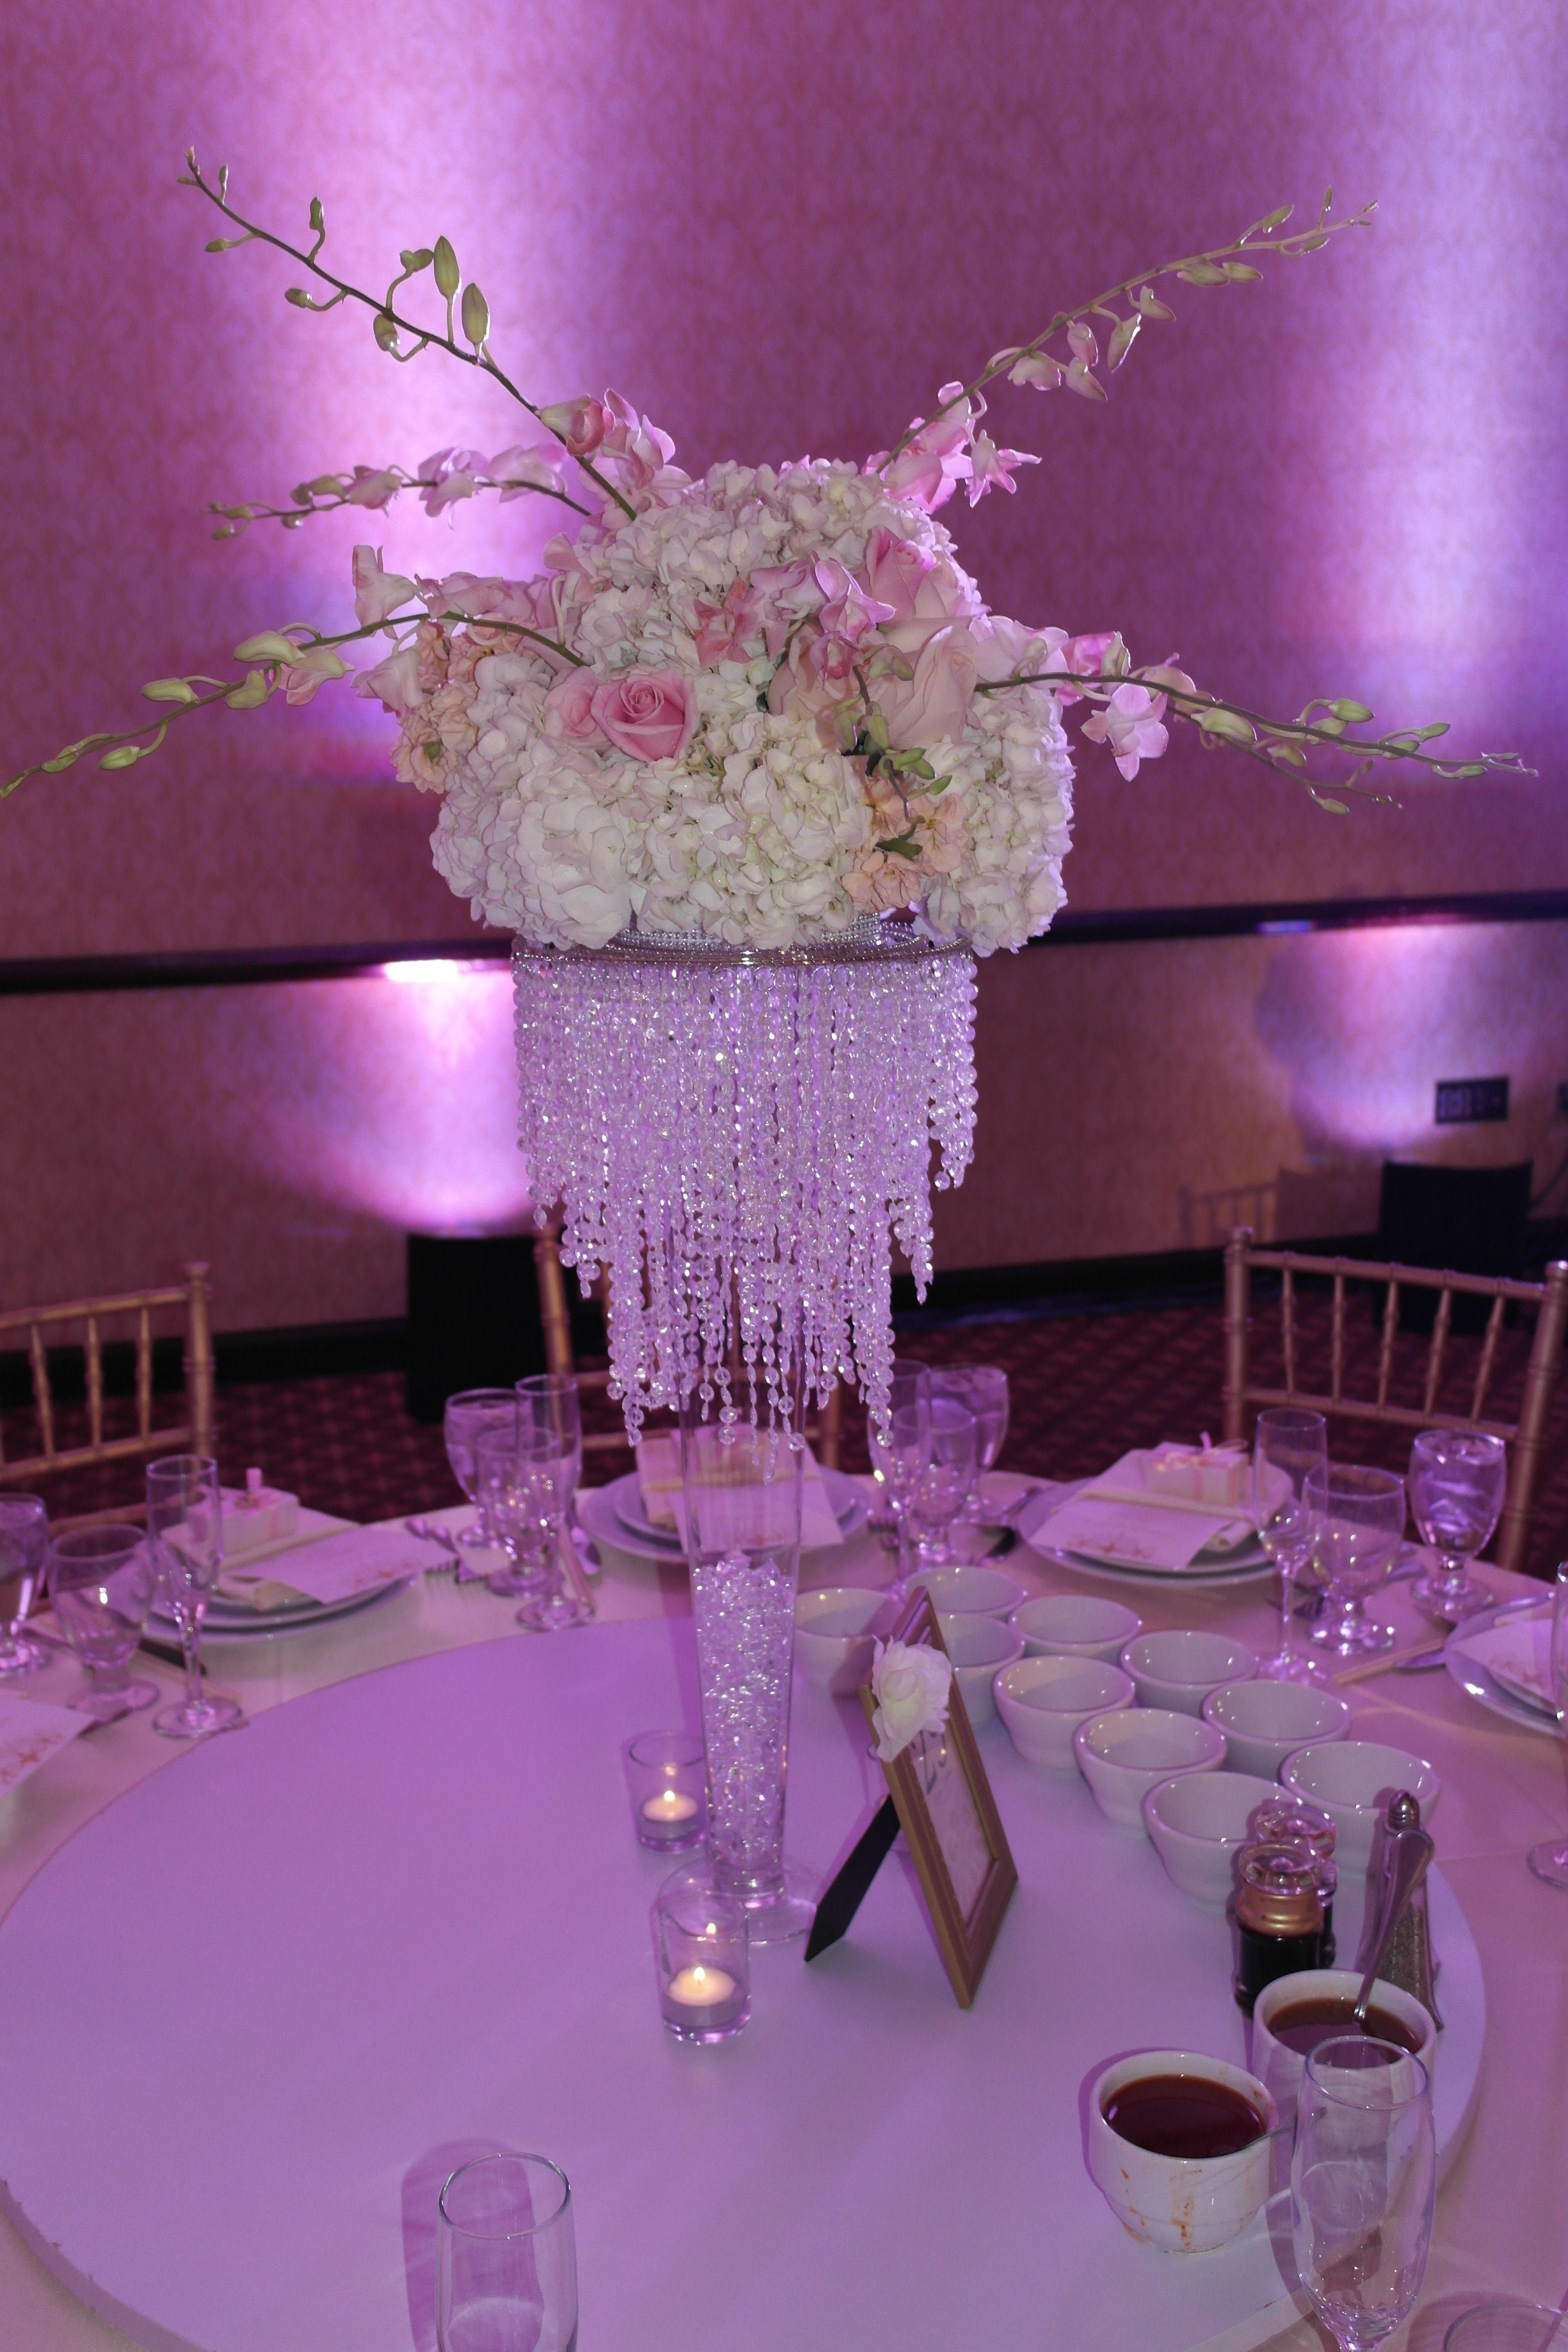 Wedding decoration ideas purple  Pink wedding centerpiece  Wedding  Pinterest  Pink wedding